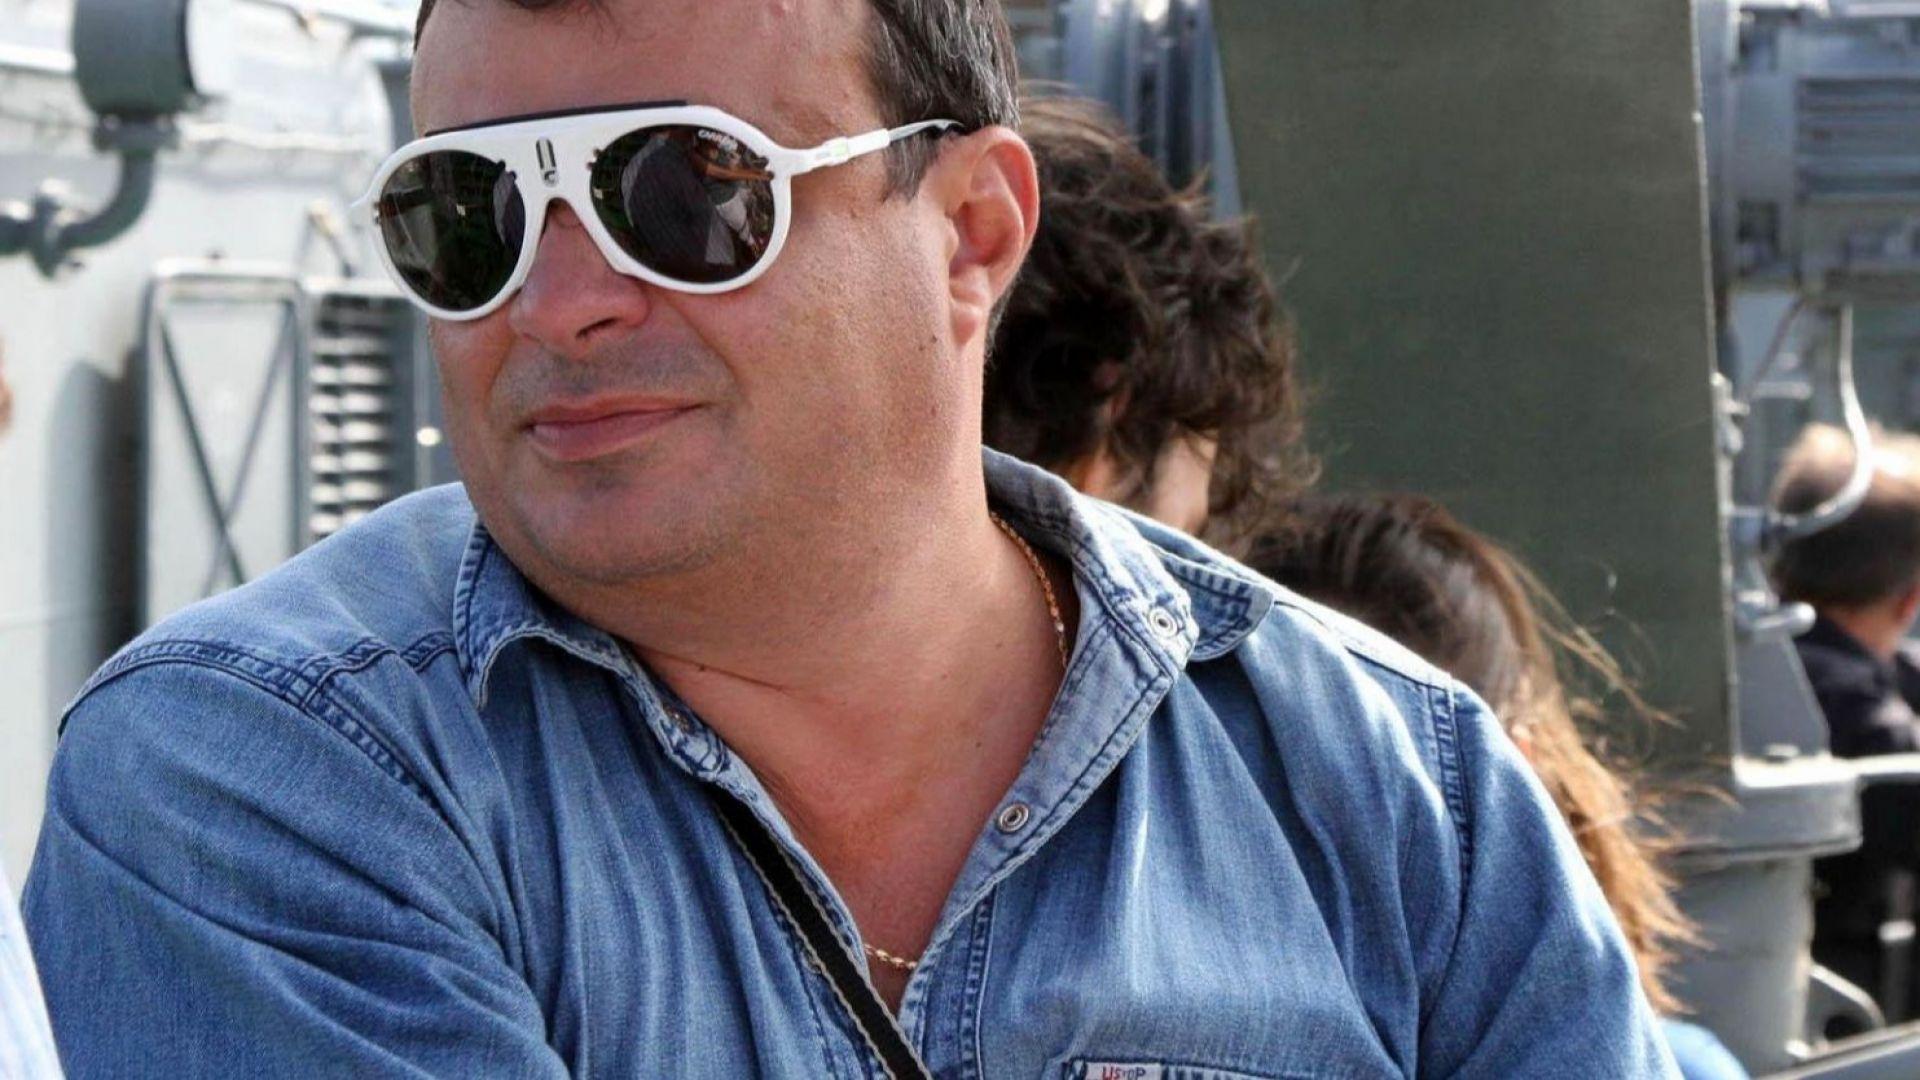 Иван Ласкин е в тежко състояние в реанимацията на ВМА